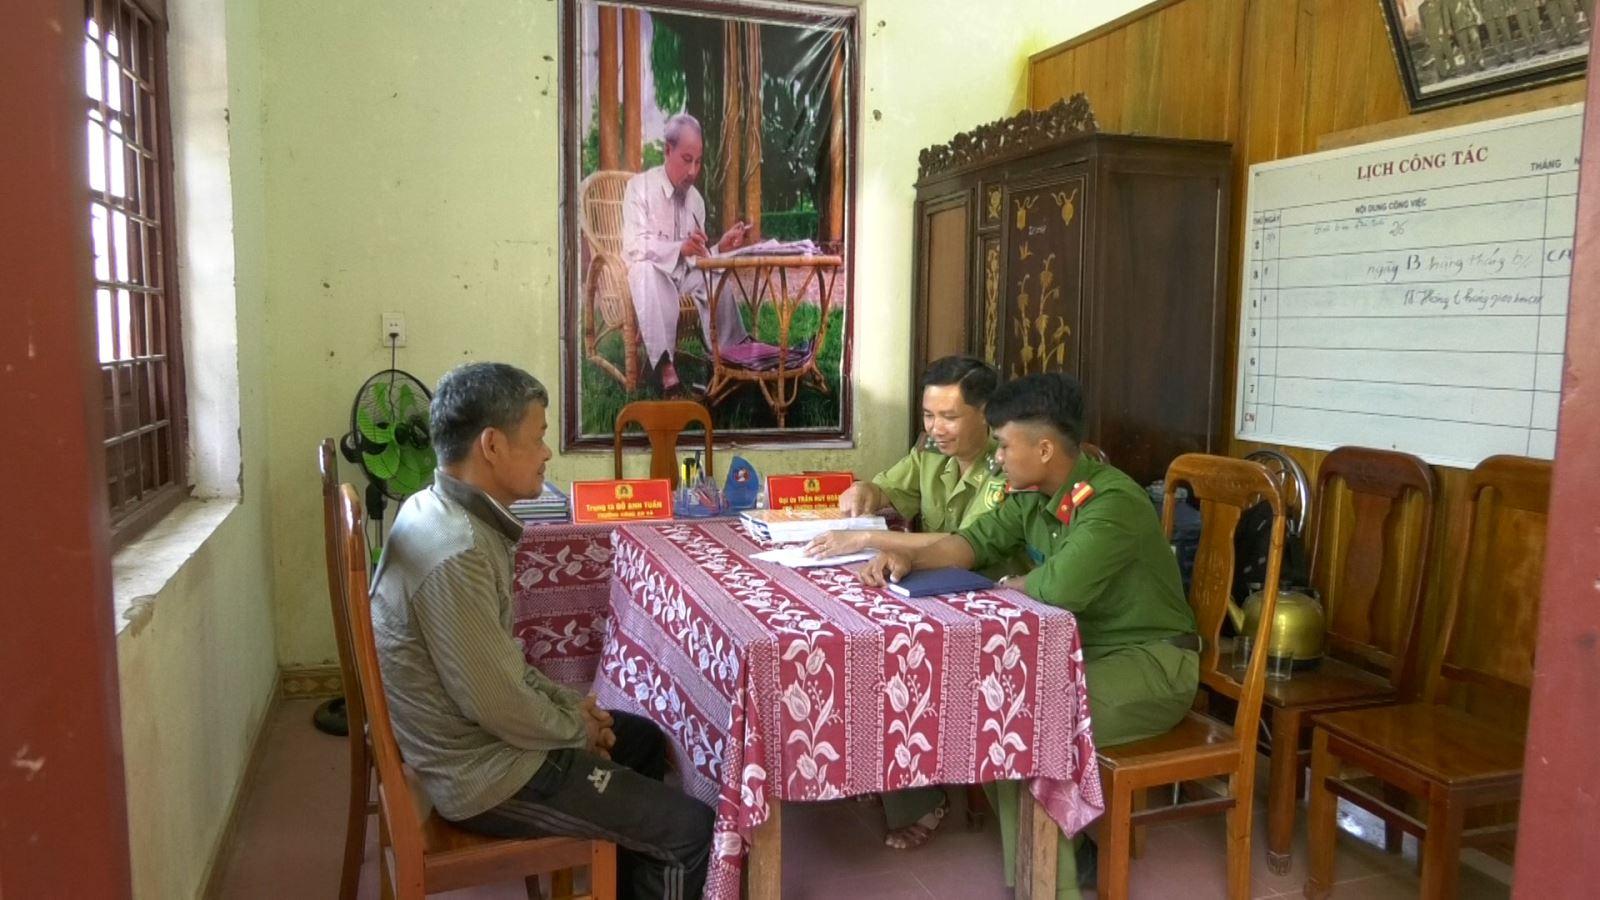 Lực lượng chức năng lập biên bản xử lý trường hợp xâm hại rừng phòng hộ đối với ông Hồ Văn Bình